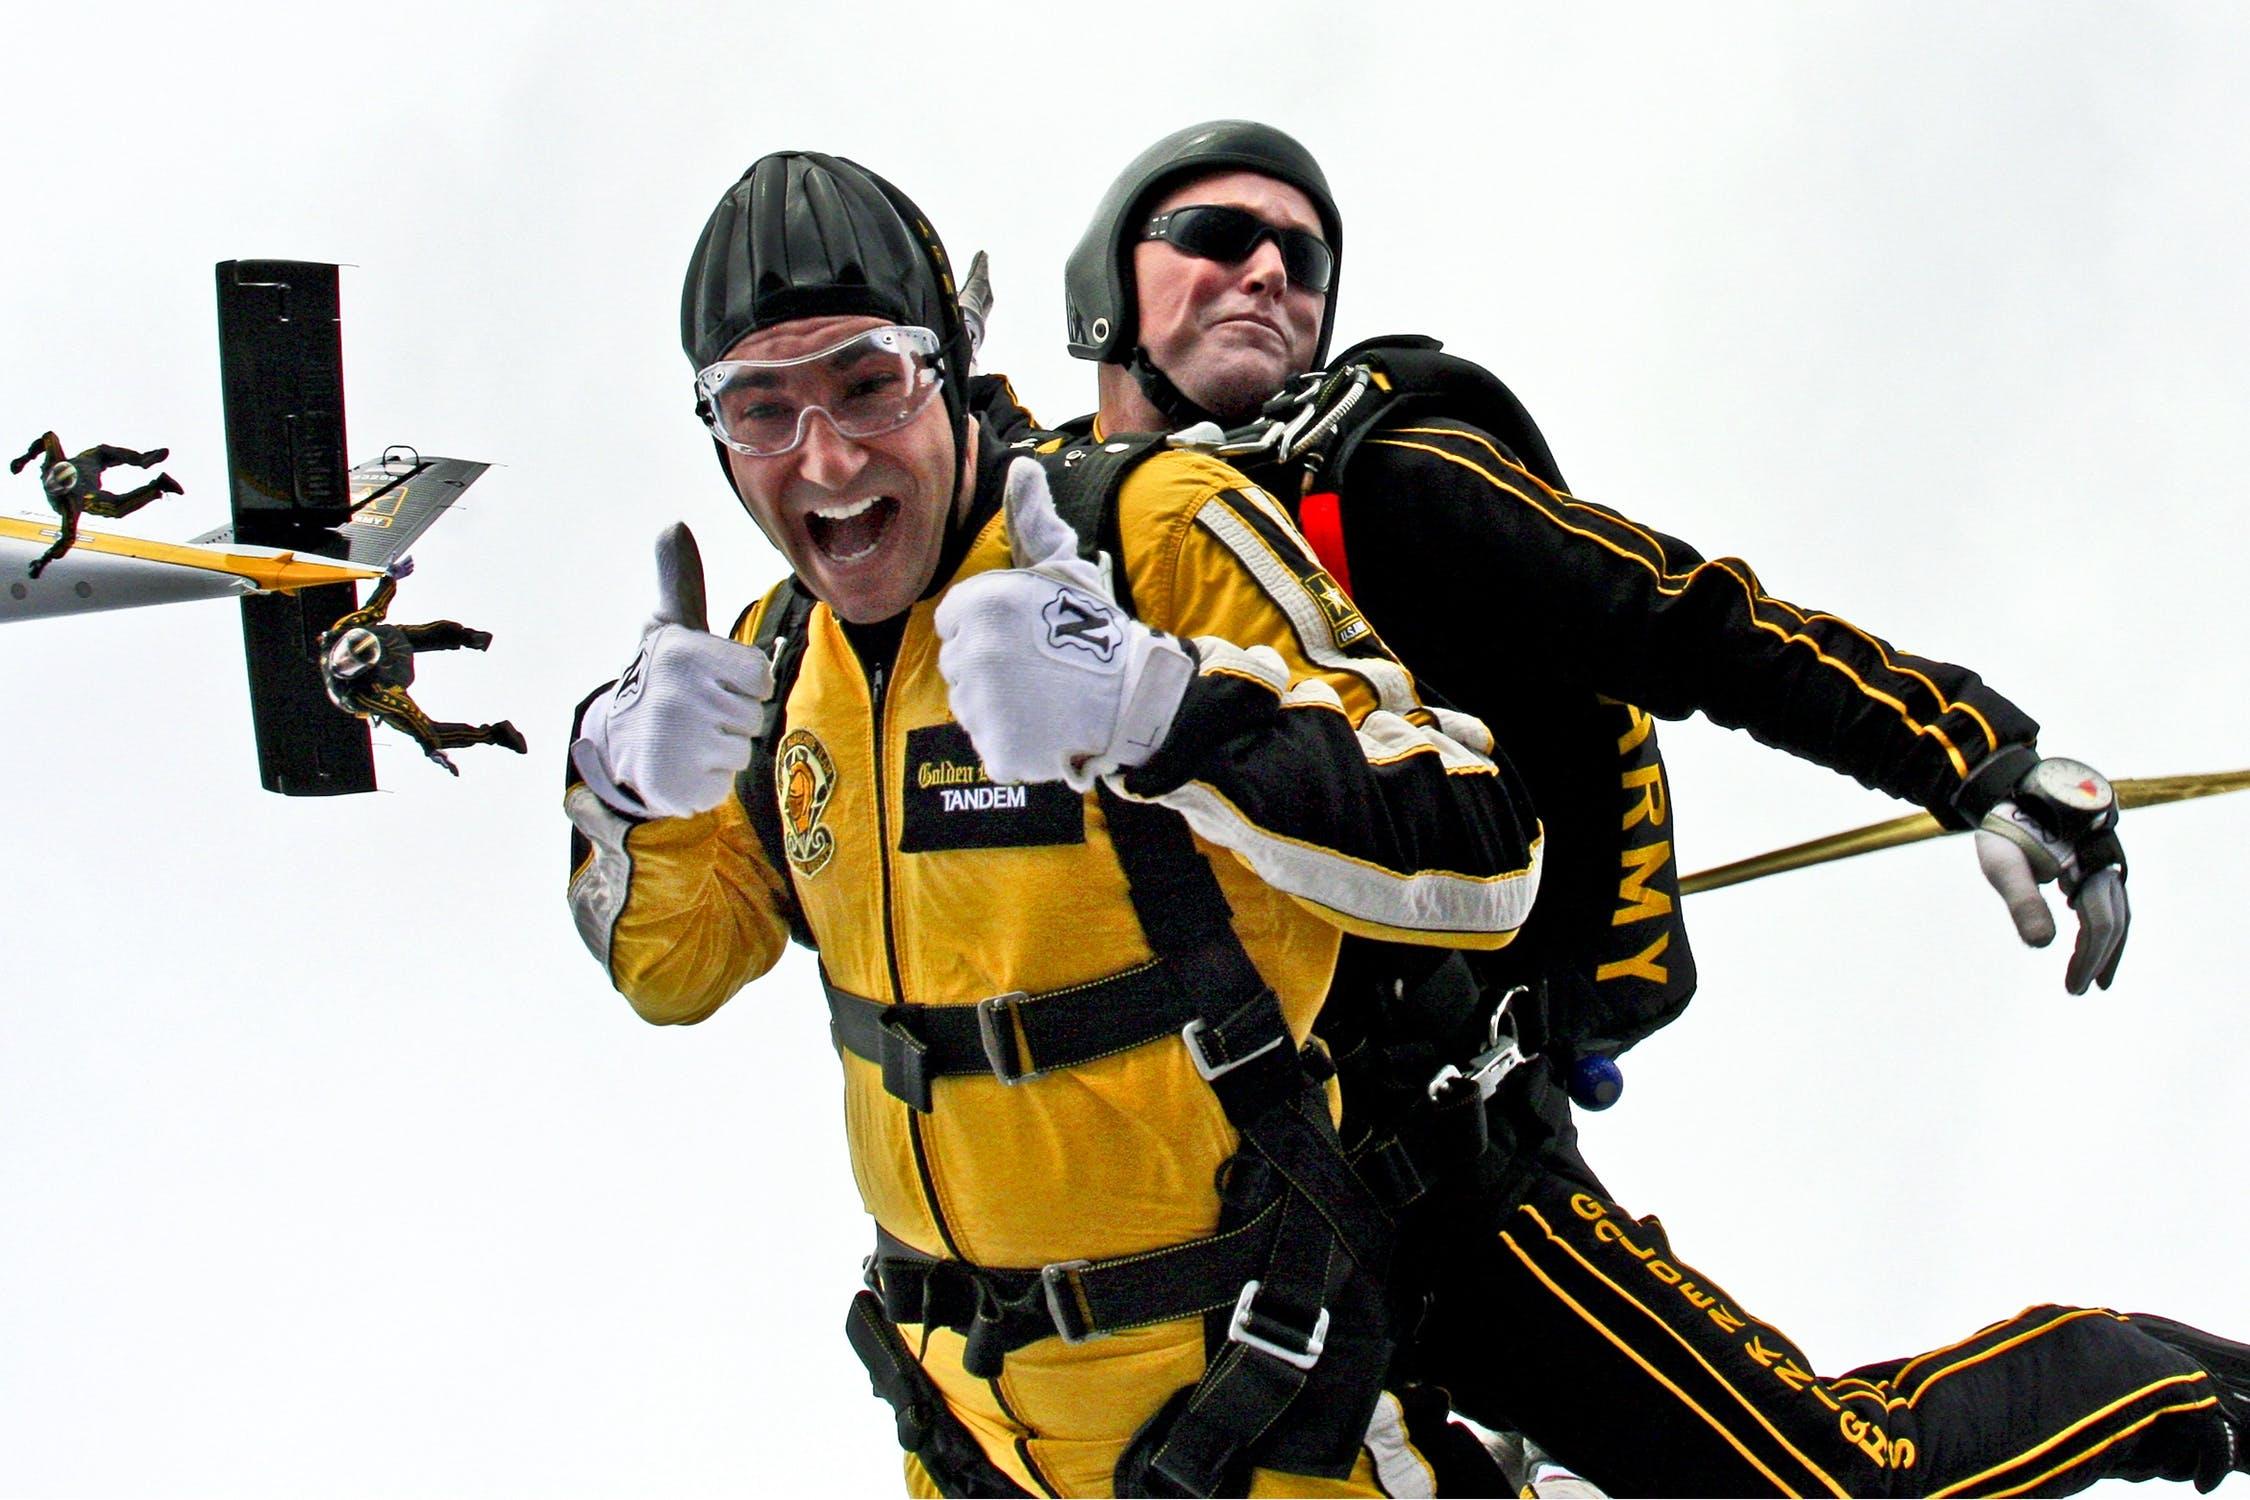 tandem-skydivers-skydivers-teamwork-cooperation-39608.jpg